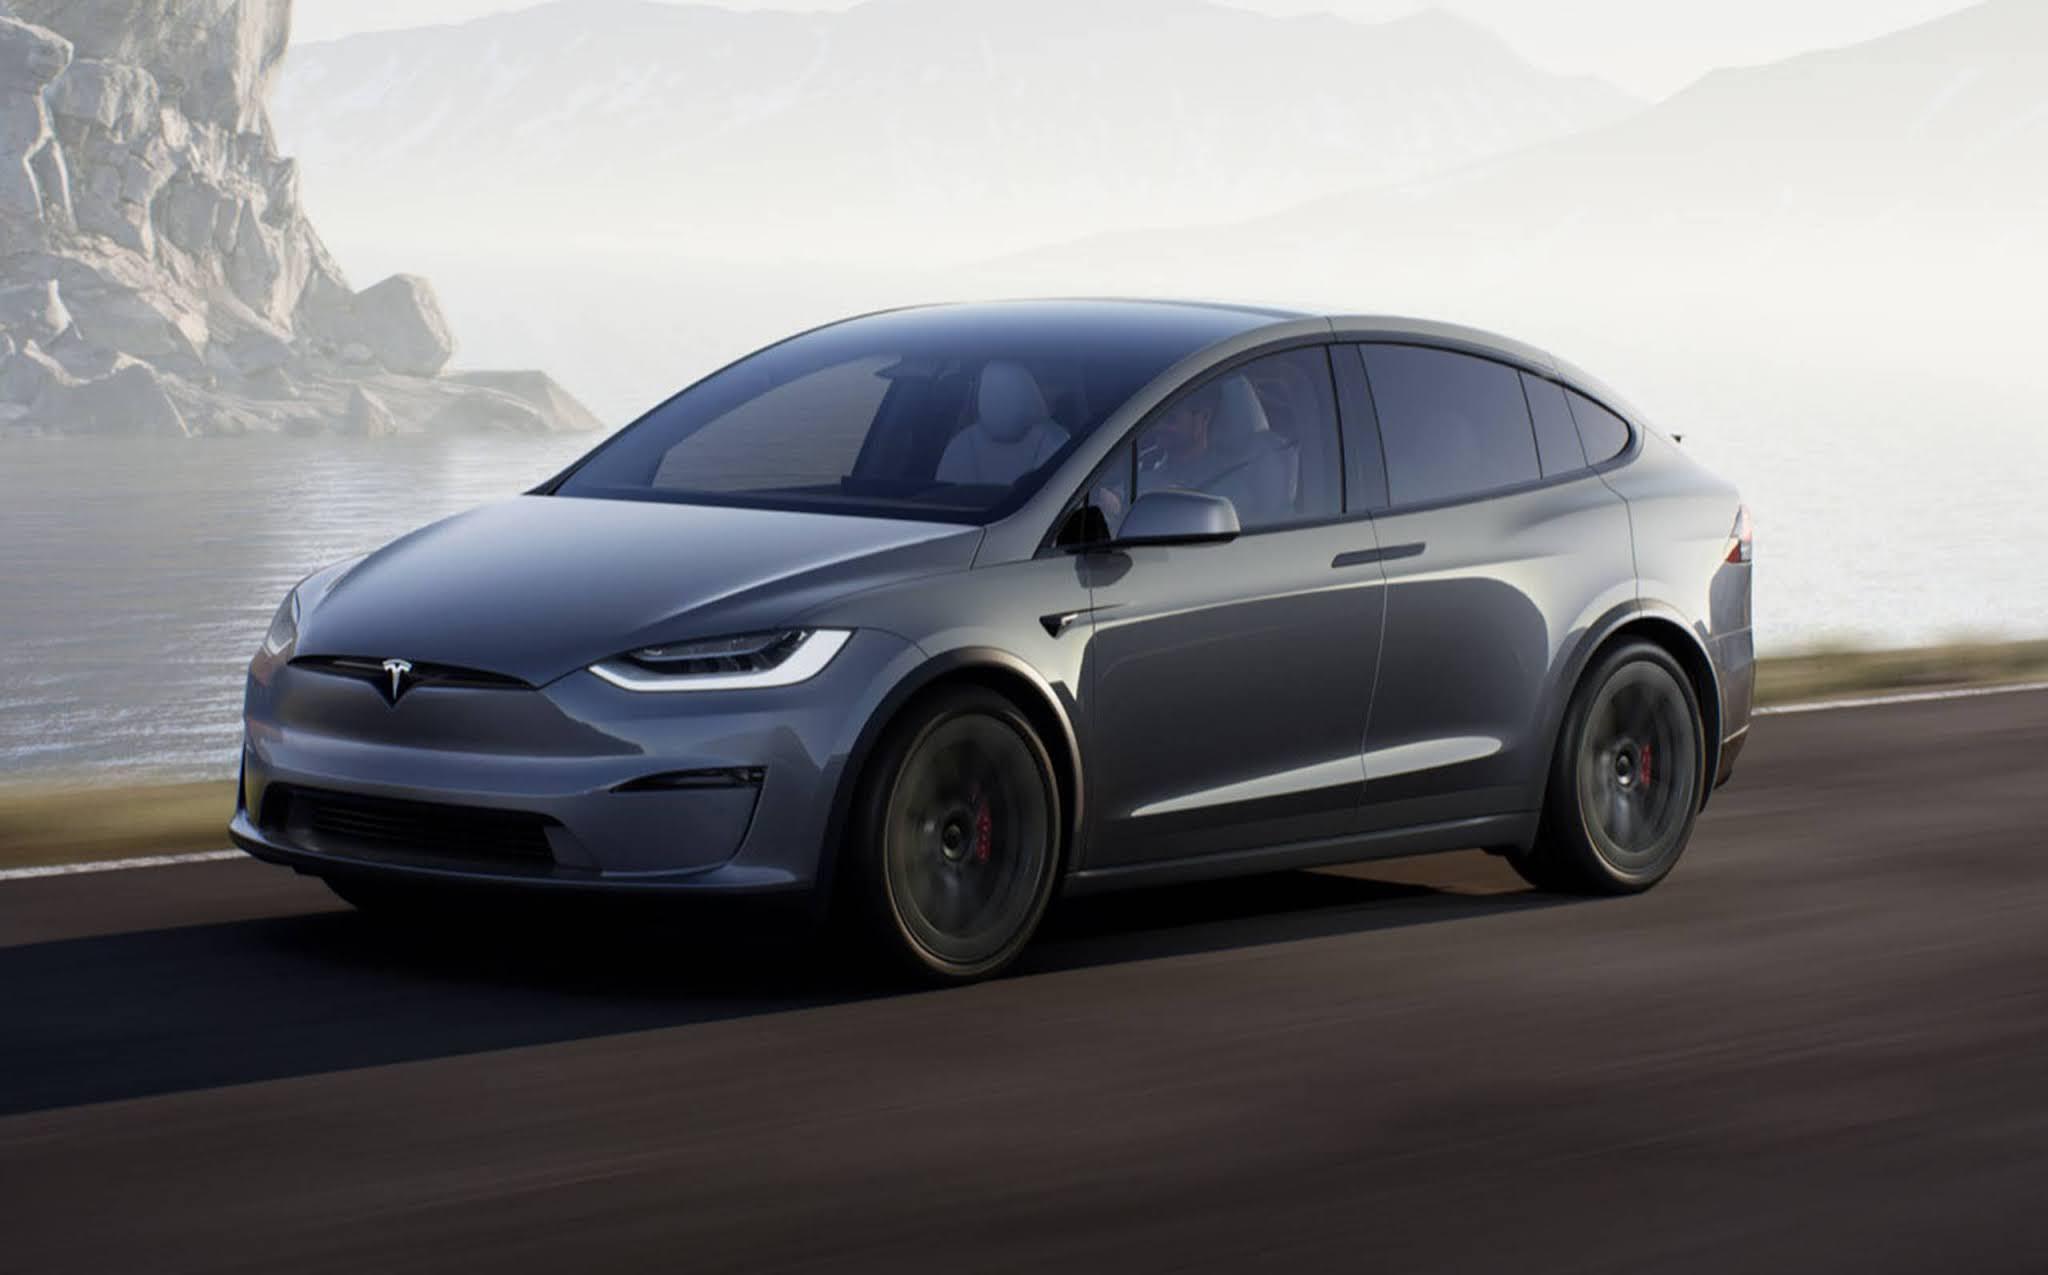 Tesla vendeu 184.800 carros no primeiro trimestre de 2021